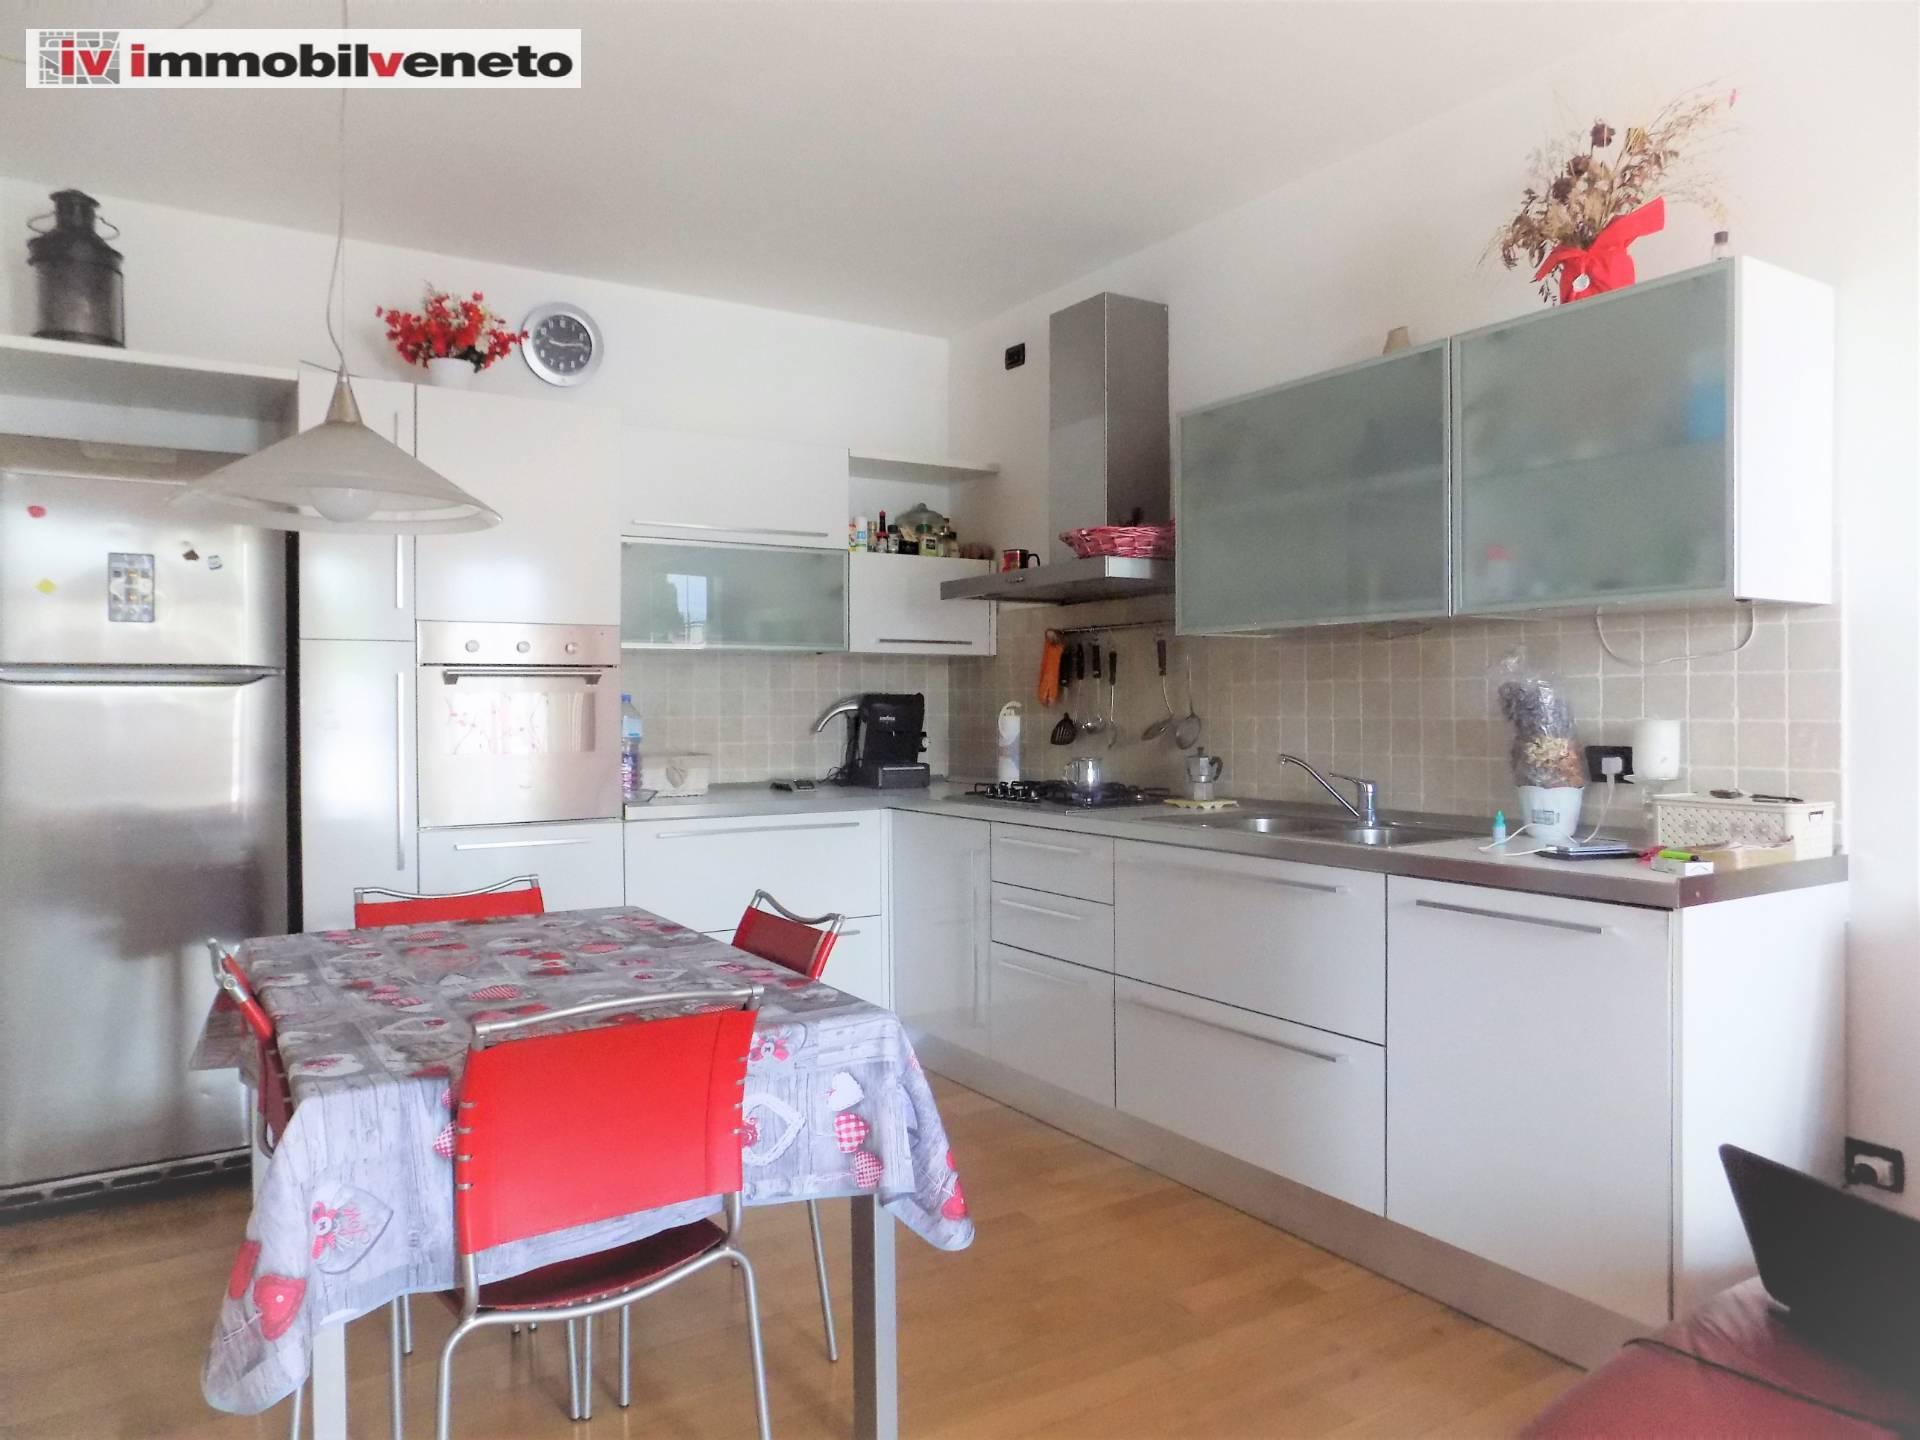 Appartamento in vendita a Lonigo, 4 locali, Trattative riservate | PortaleAgenzieImmobiliari.it